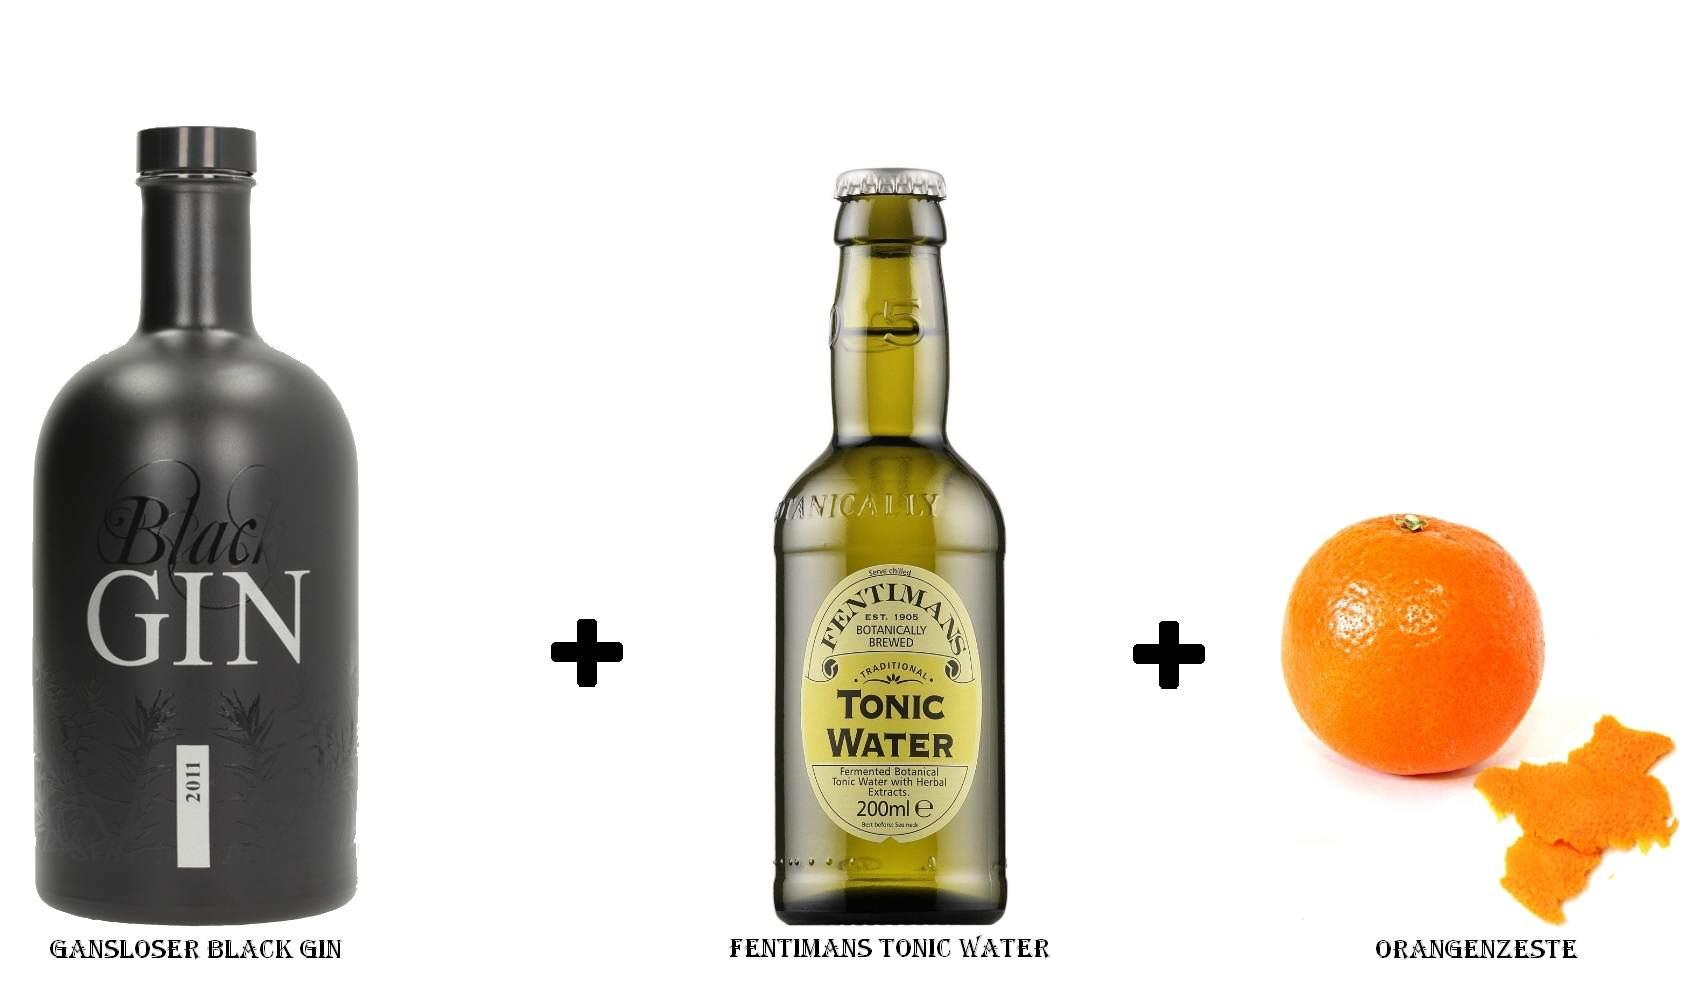 Gansloser Black Gin + Fentimans Tonic Water + Orangenzeste